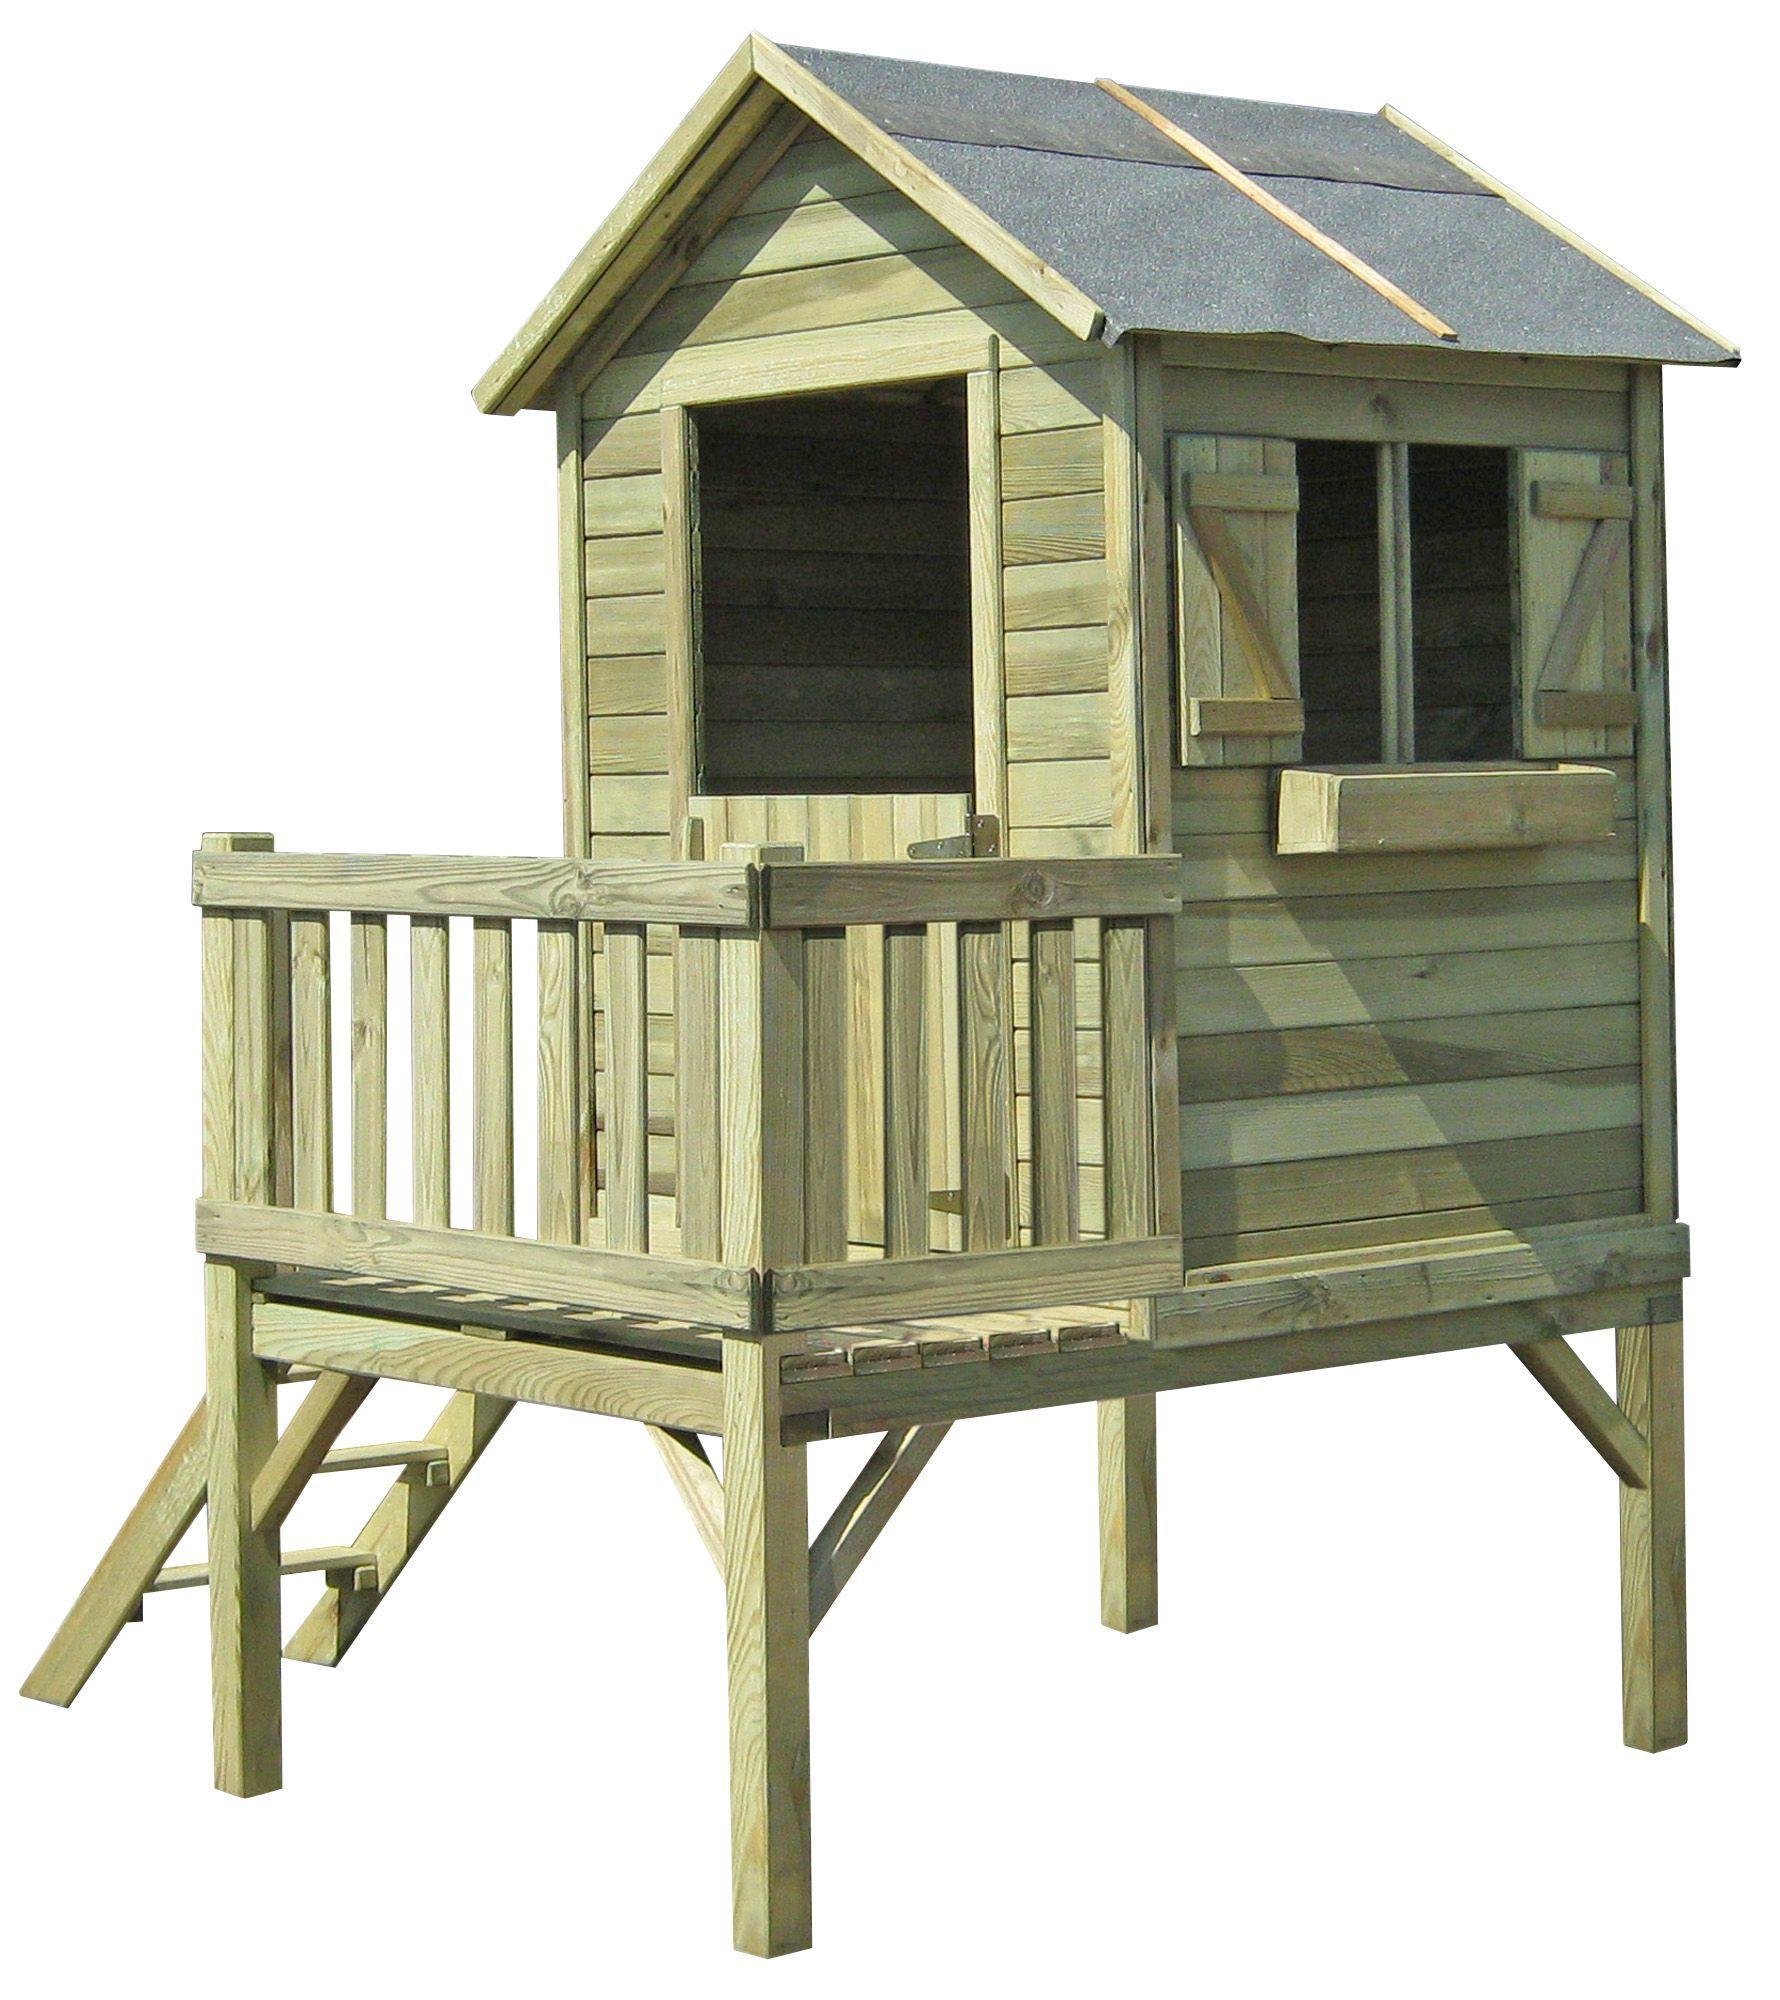 Cabane Enfant : Modèles Pour Le Jardin   Maisonnette En Bois ... destiné Maison De Jardin Enfant Pas Cher